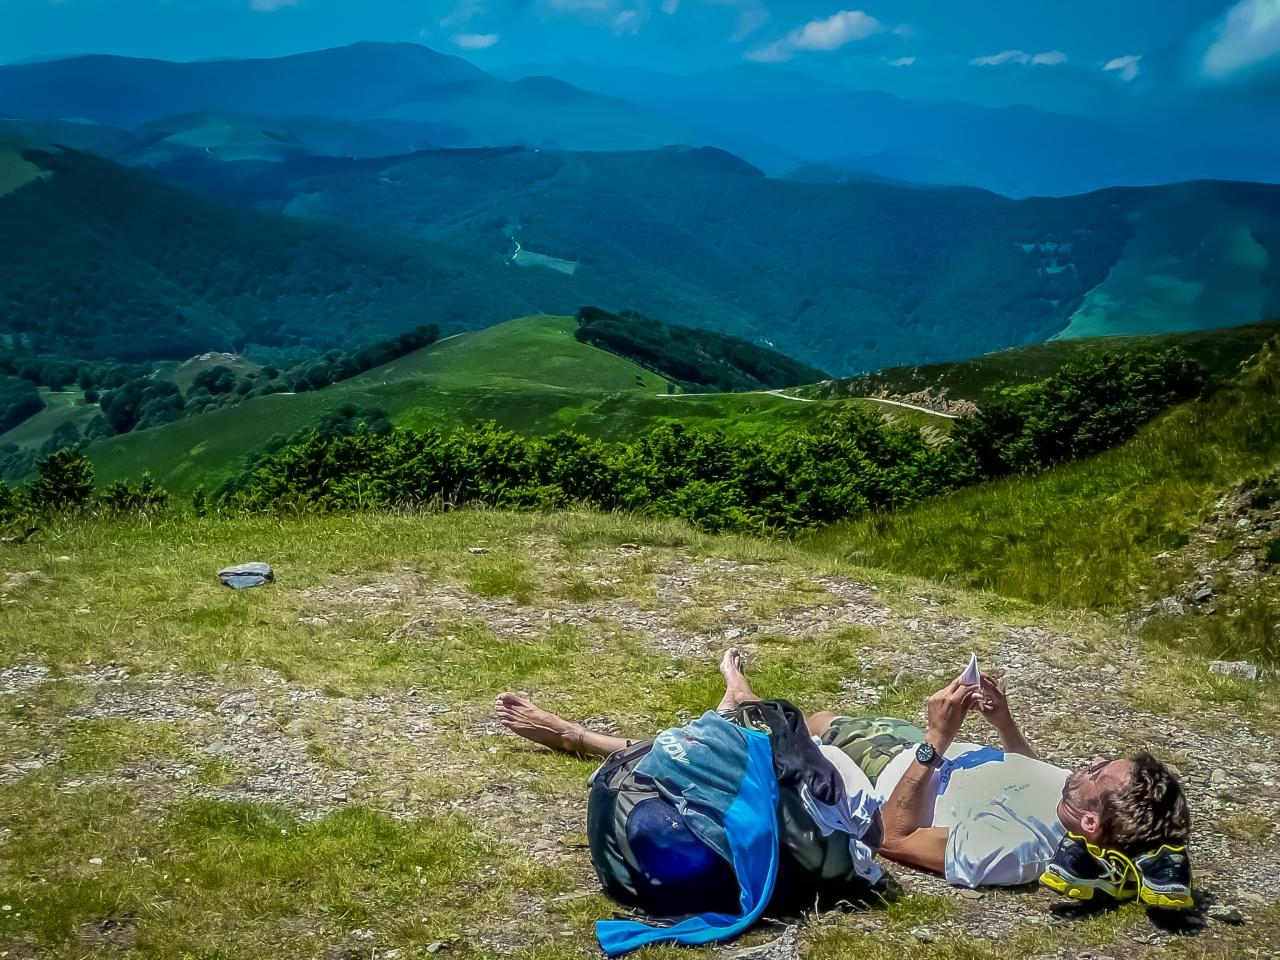 De Francia a España, cruzando los Pirineos por St. Jean Pied de Port hasta Roncesvalles. 1ª etapa del Camino deSantiago